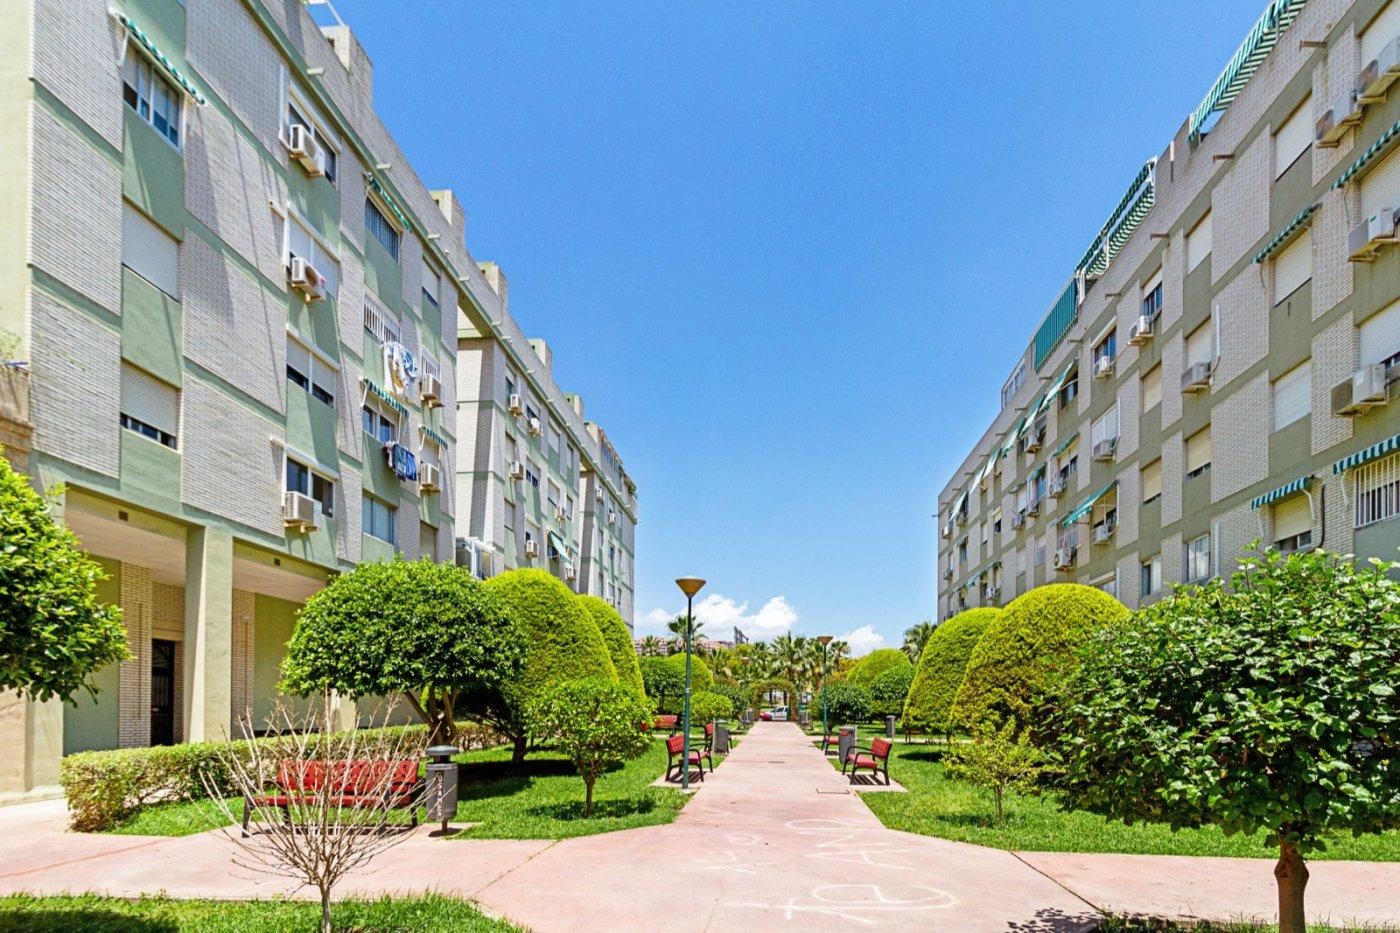 Apartamento, Hipercor, Venta - Málaga (Málaga)